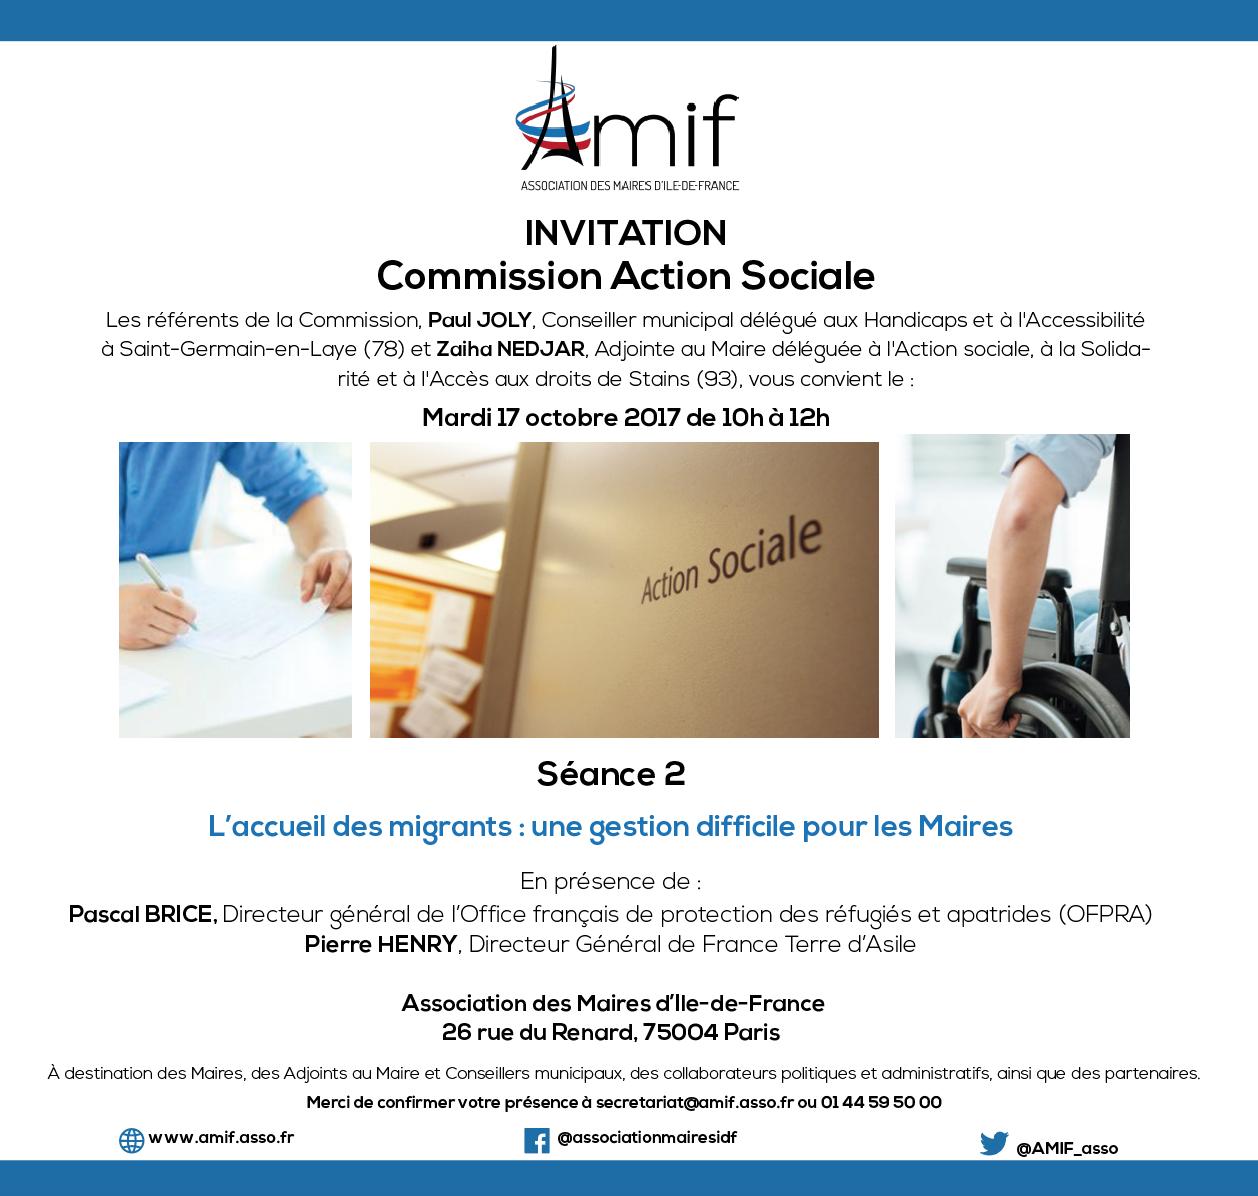 Commission Action sociale - Séance 2 - Mardi 17 octobre 2017 - 10h-12h